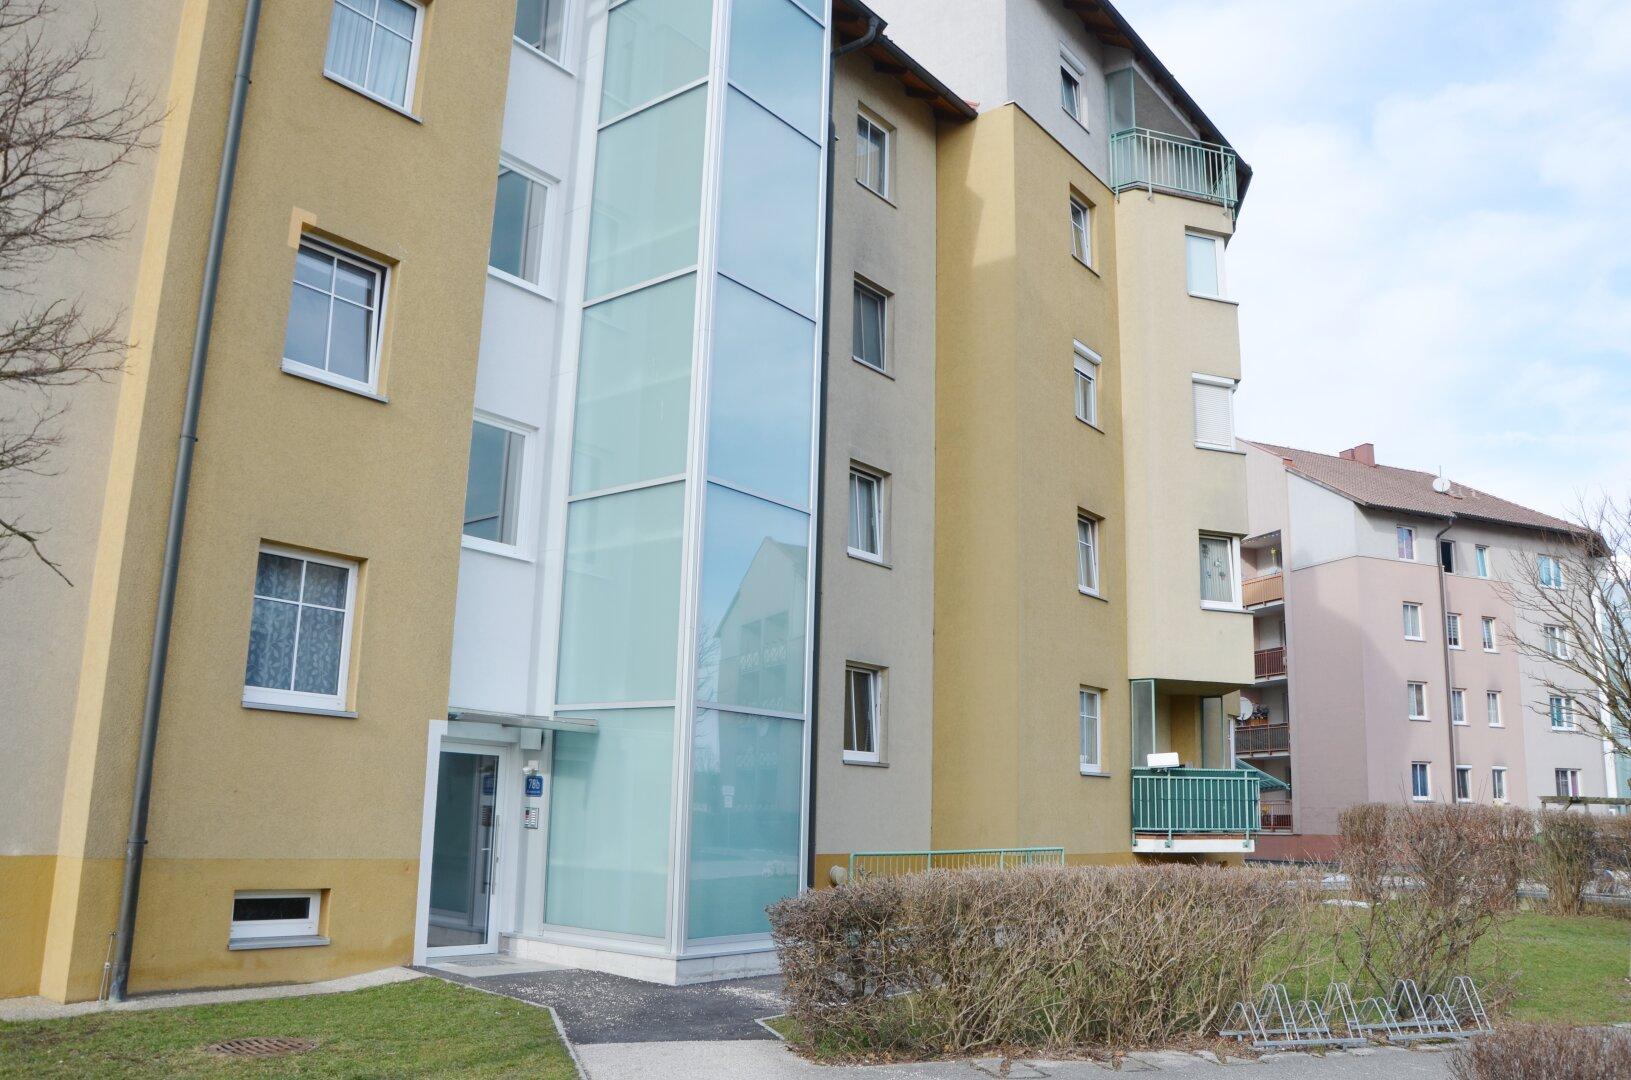 Referenzbild Liftanbau - gilt nicht für alle Wohnungen